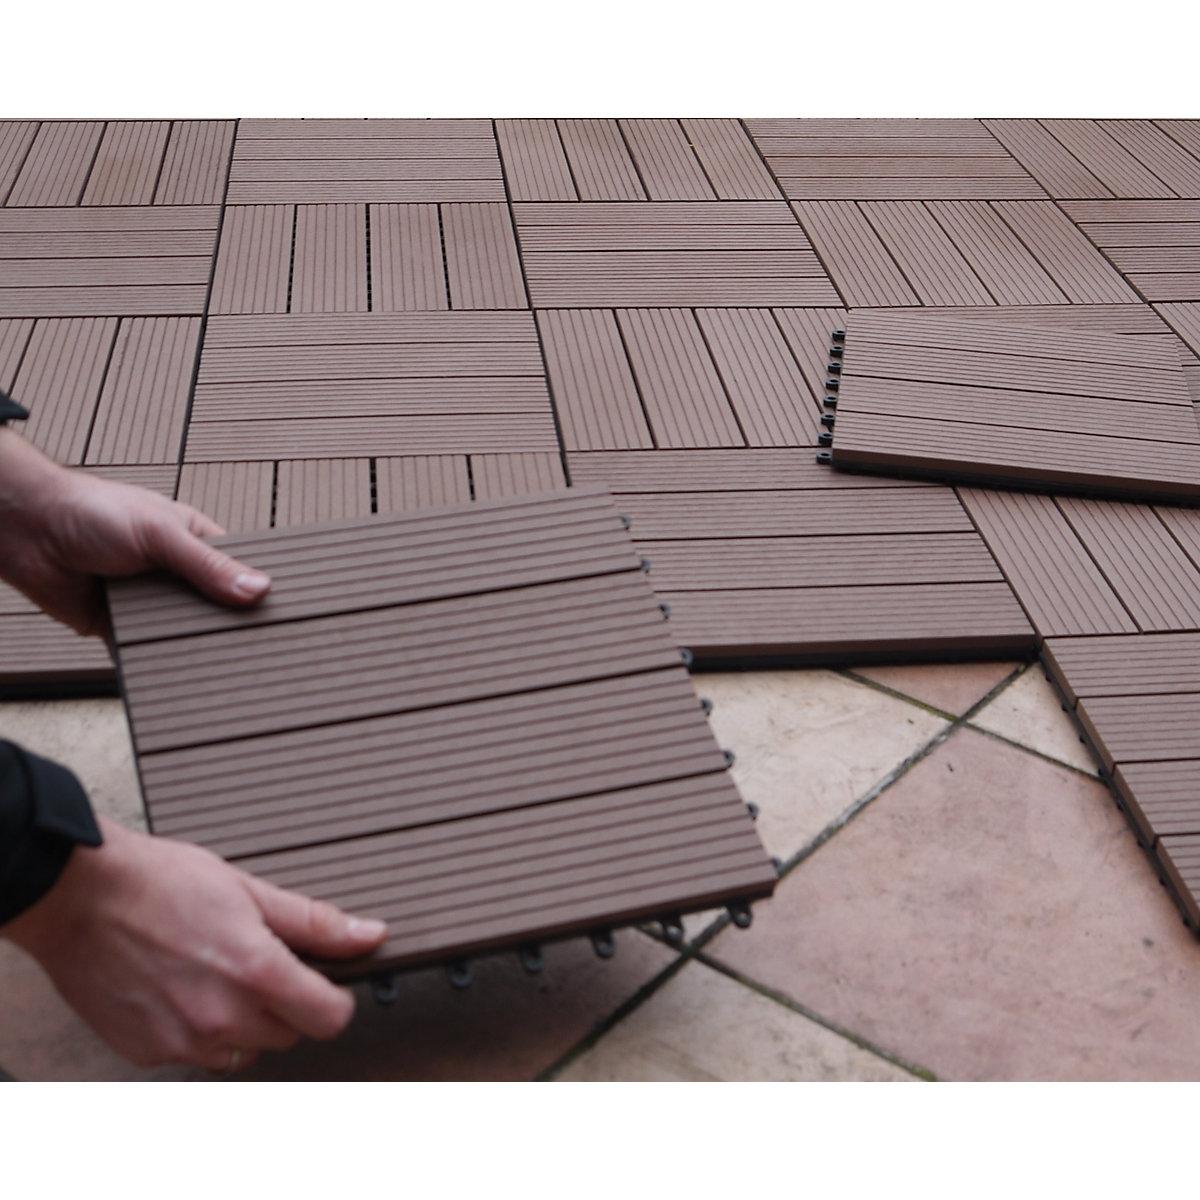 10er set wpc terrassen fliesen 30x30 cm braun yomonda. Black Bedroom Furniture Sets. Home Design Ideas